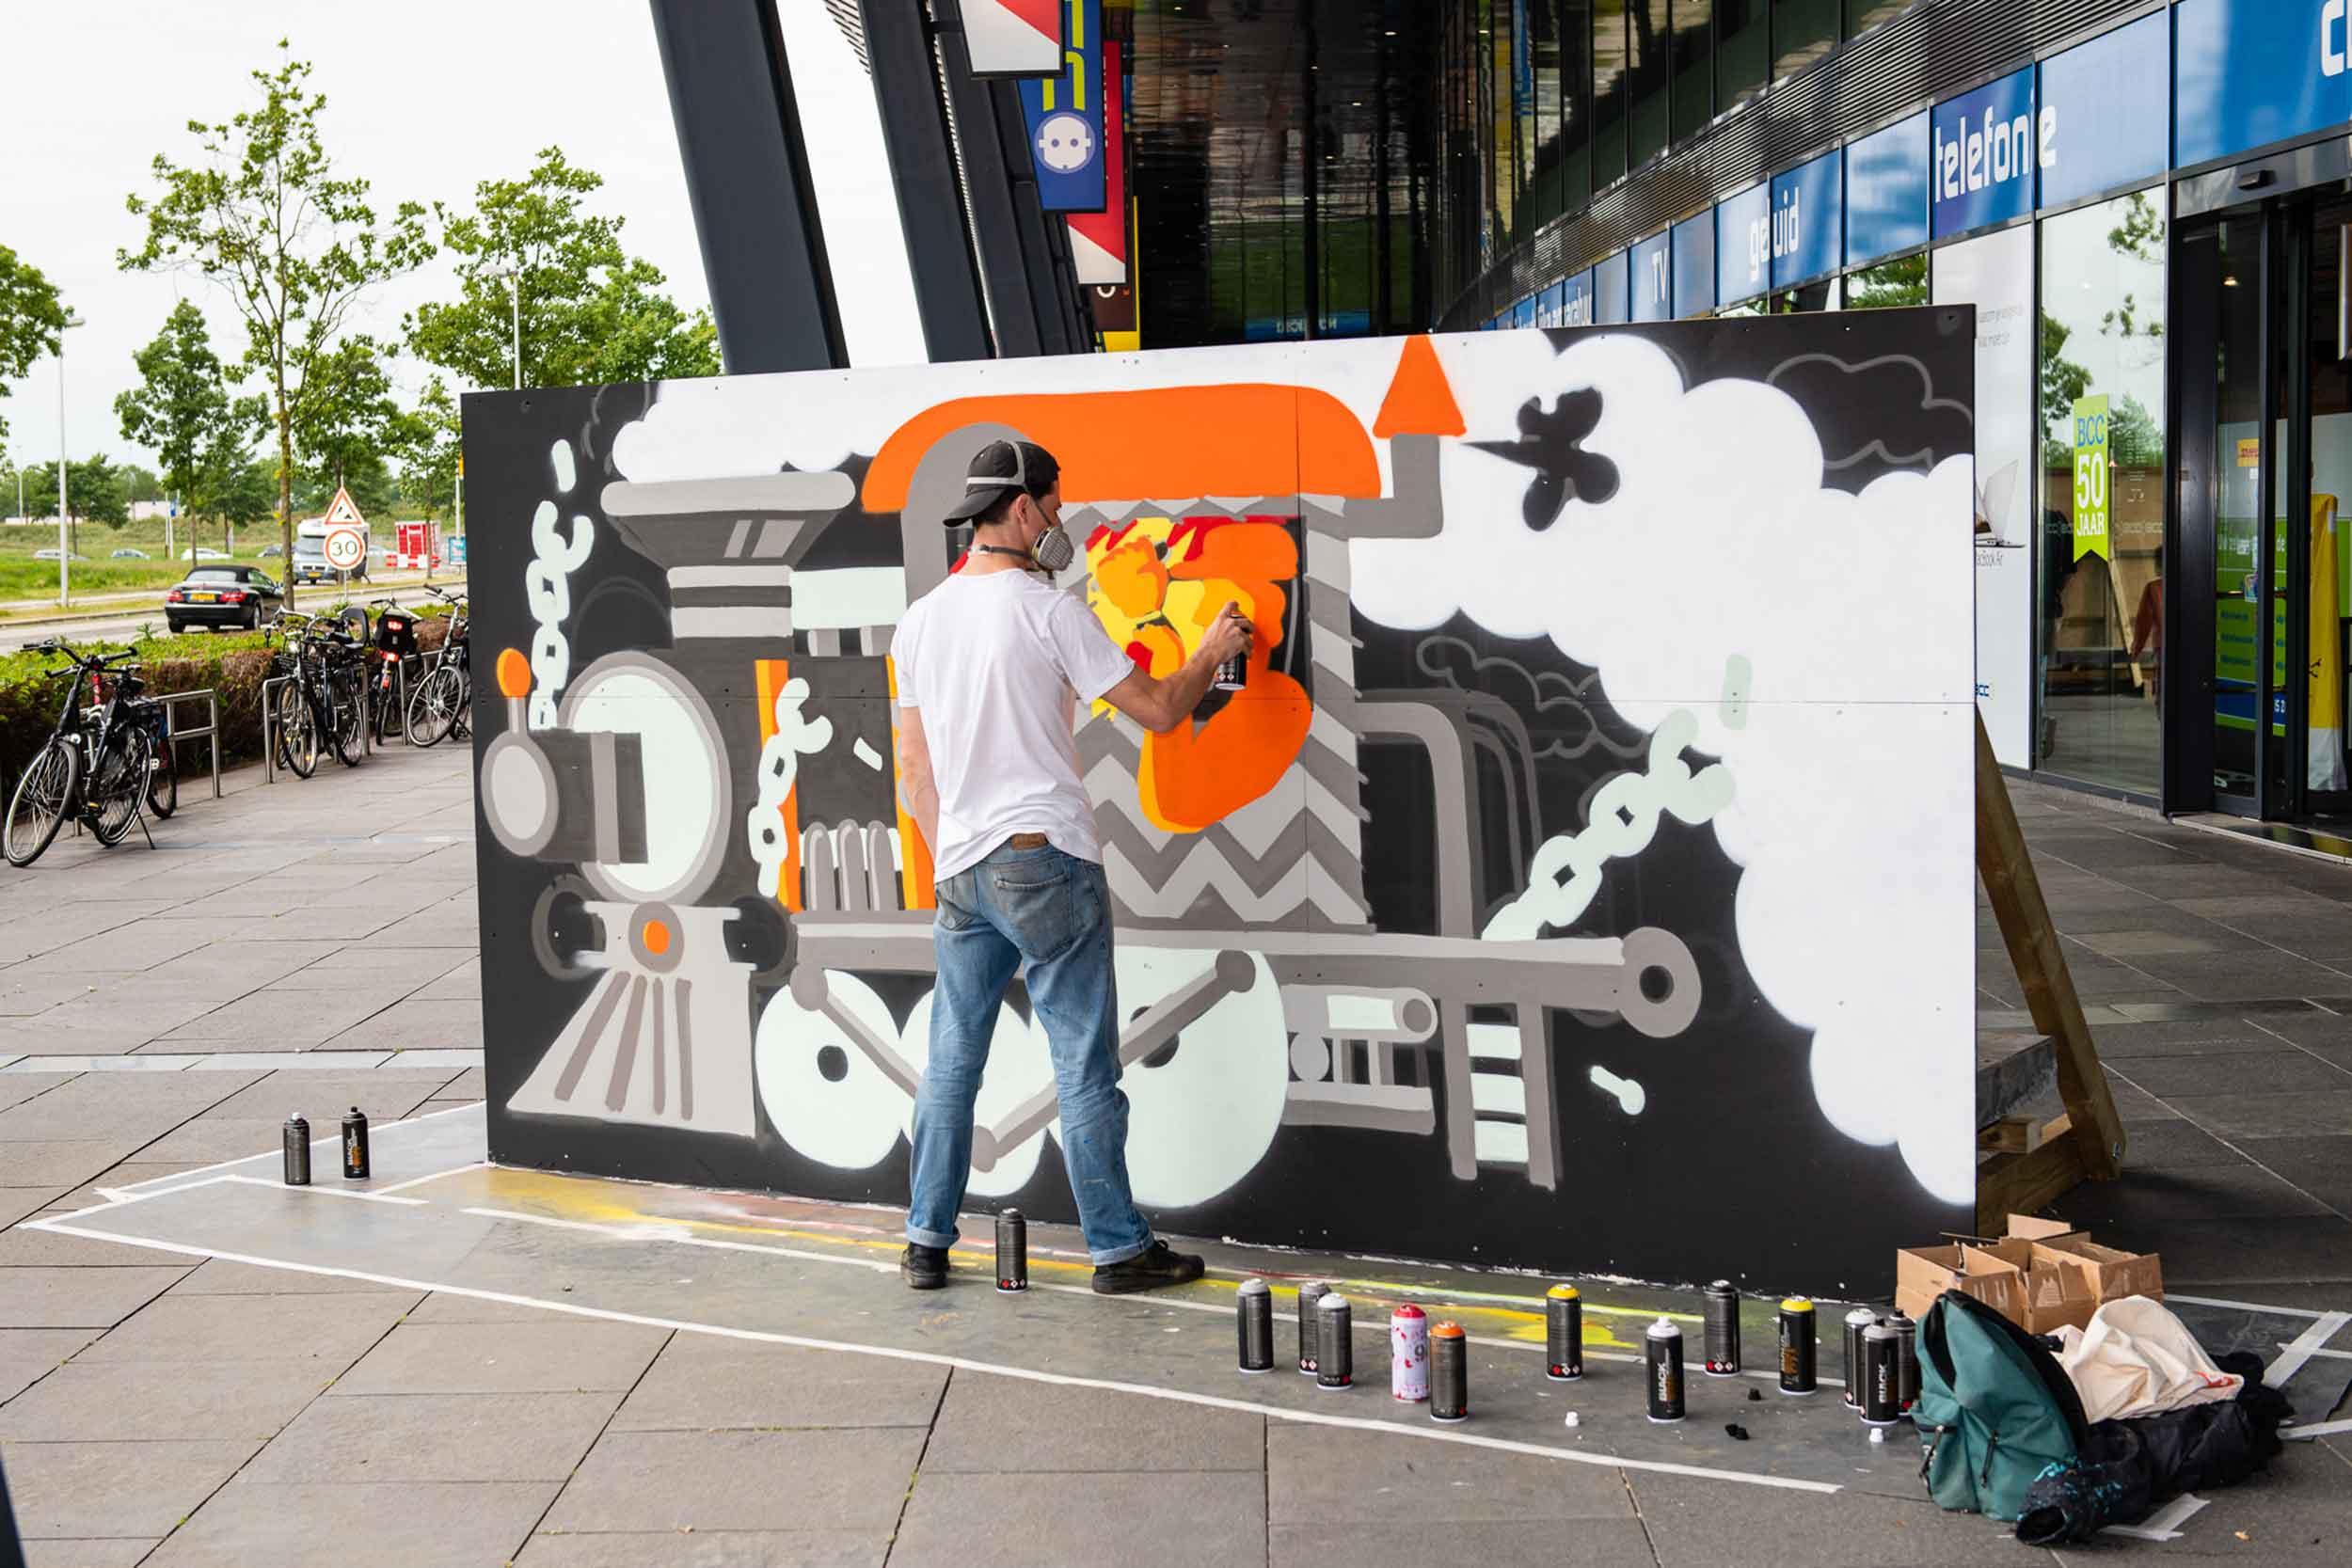 Streetart The Wall Utrecht © Urban Solutions (placemaking - placebranding)